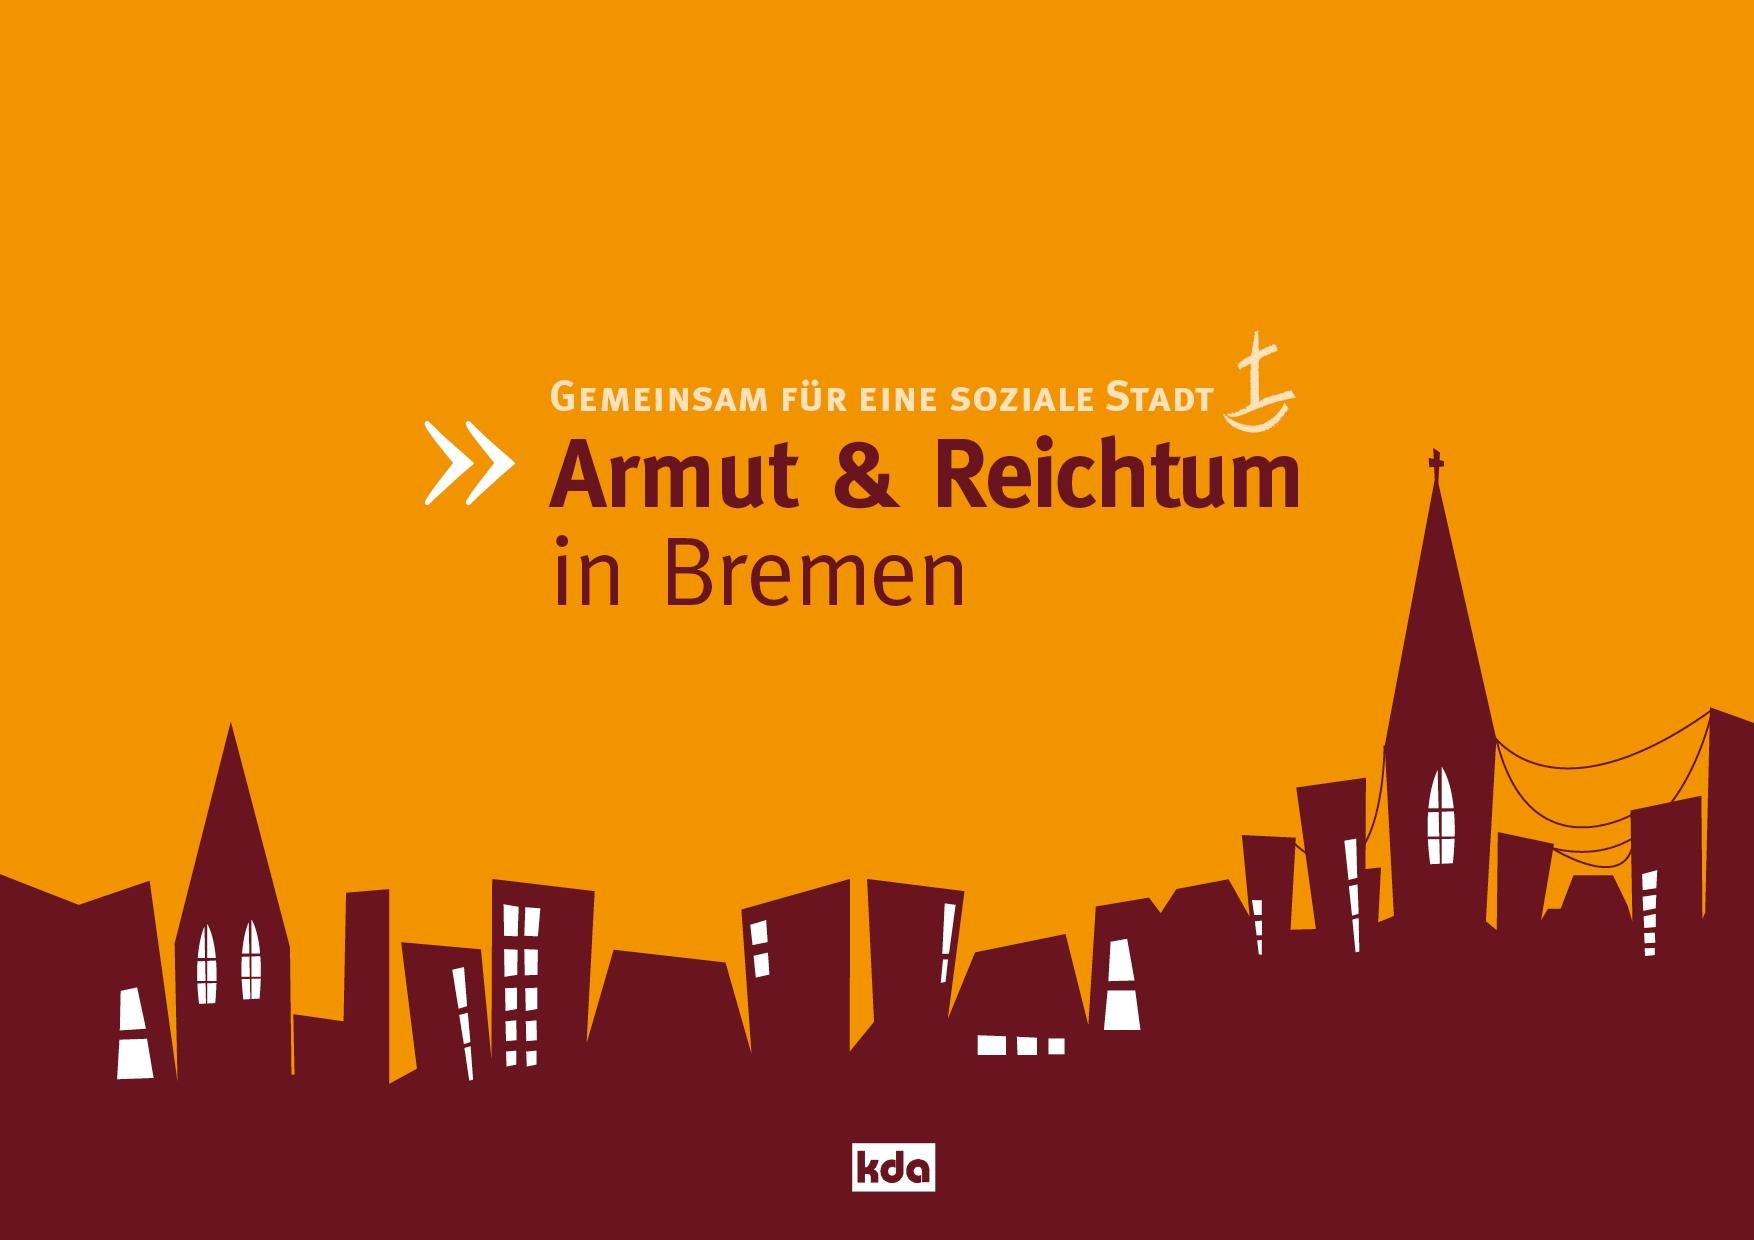 Armut & Reichtum in Bremen